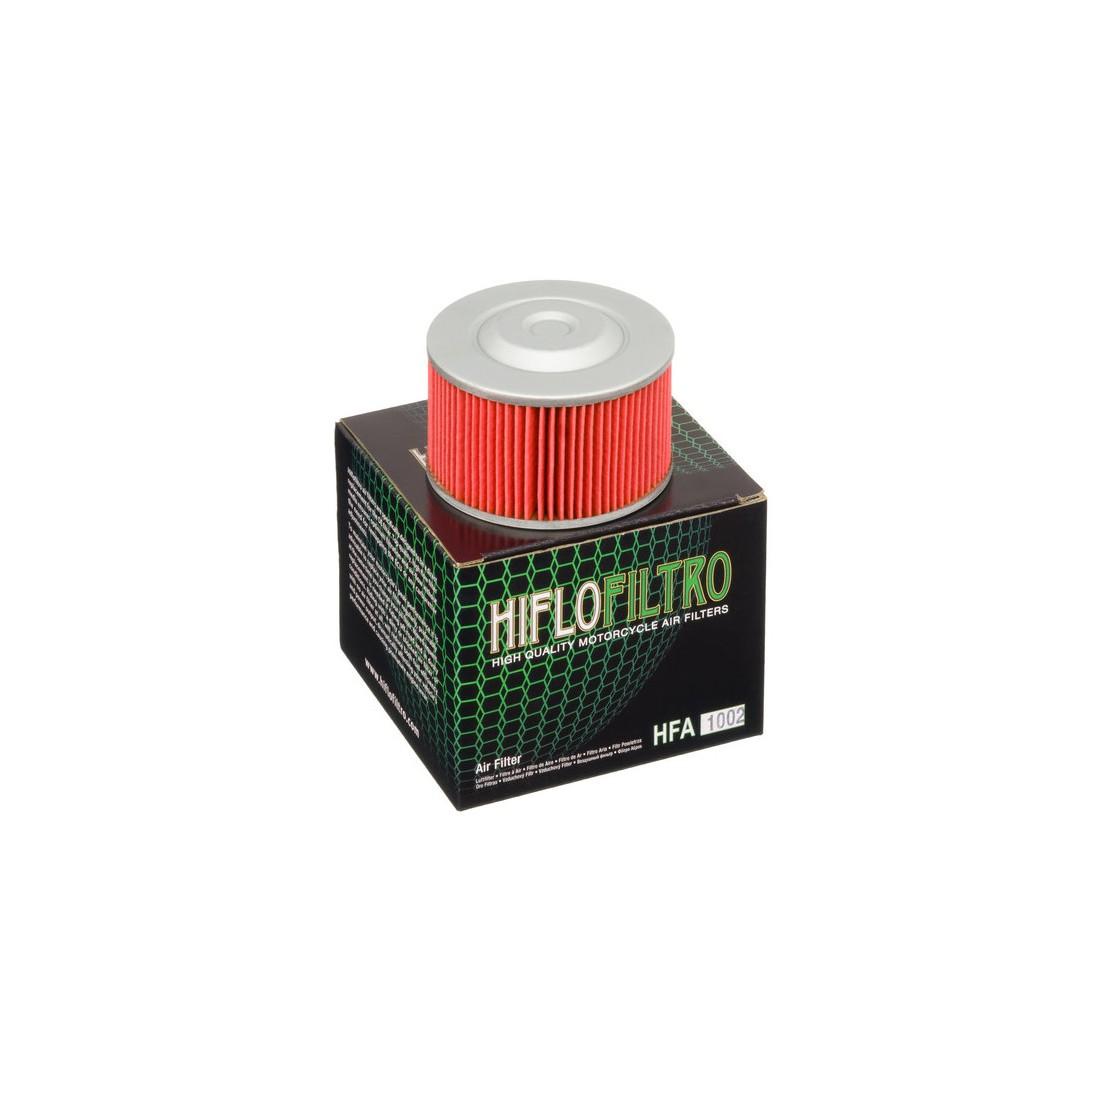 Filtro Aire Hiflofiltro HFA1002